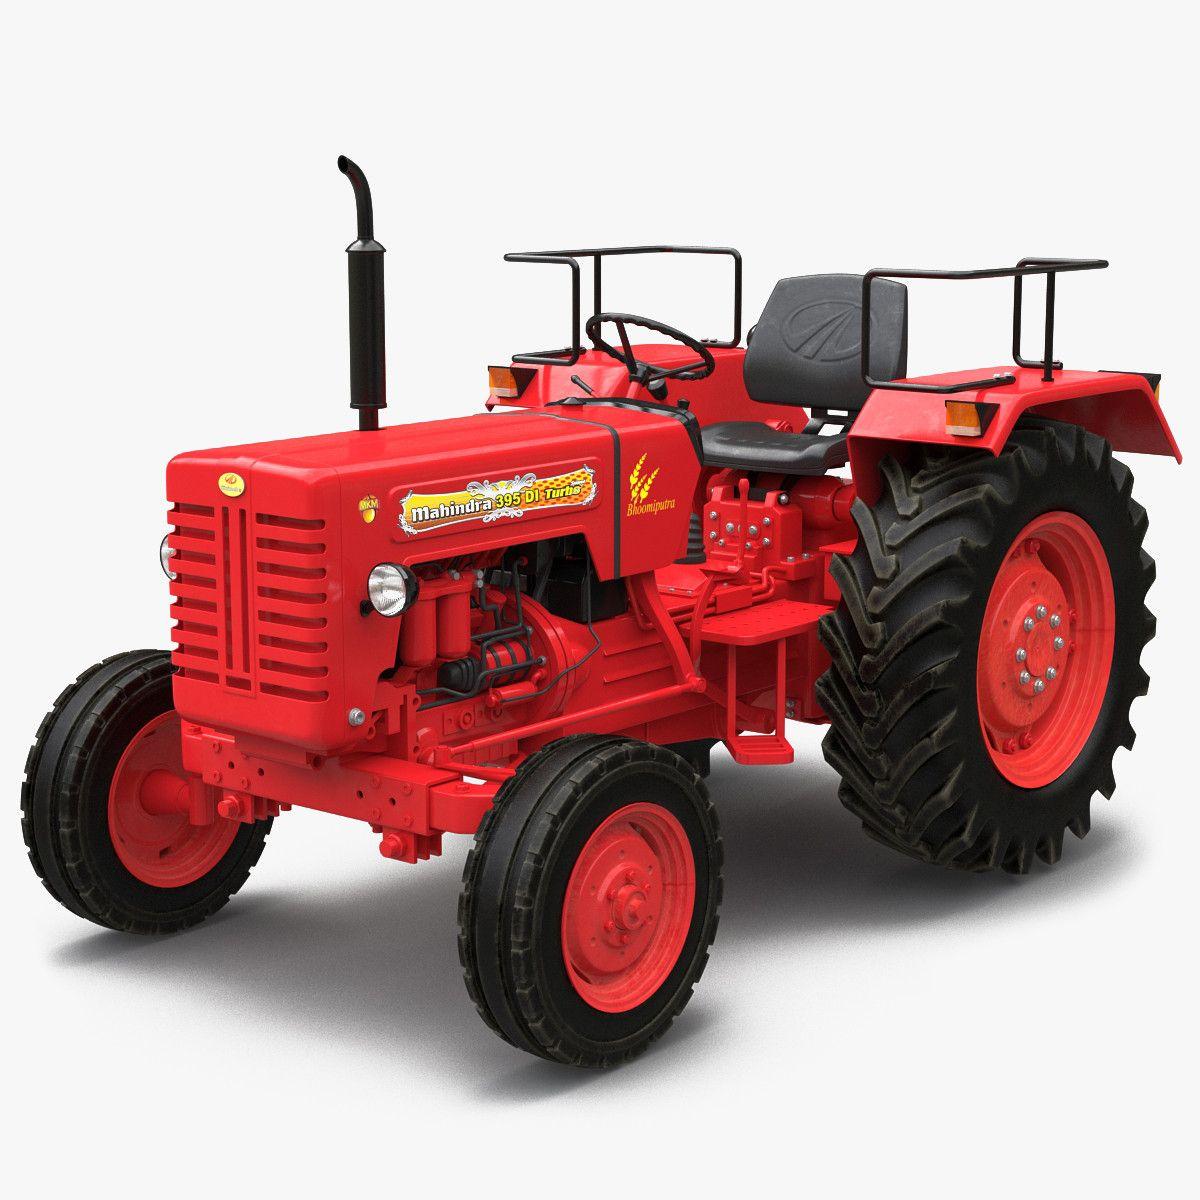 3d model tractor mahindra 395 di tractors 3d model